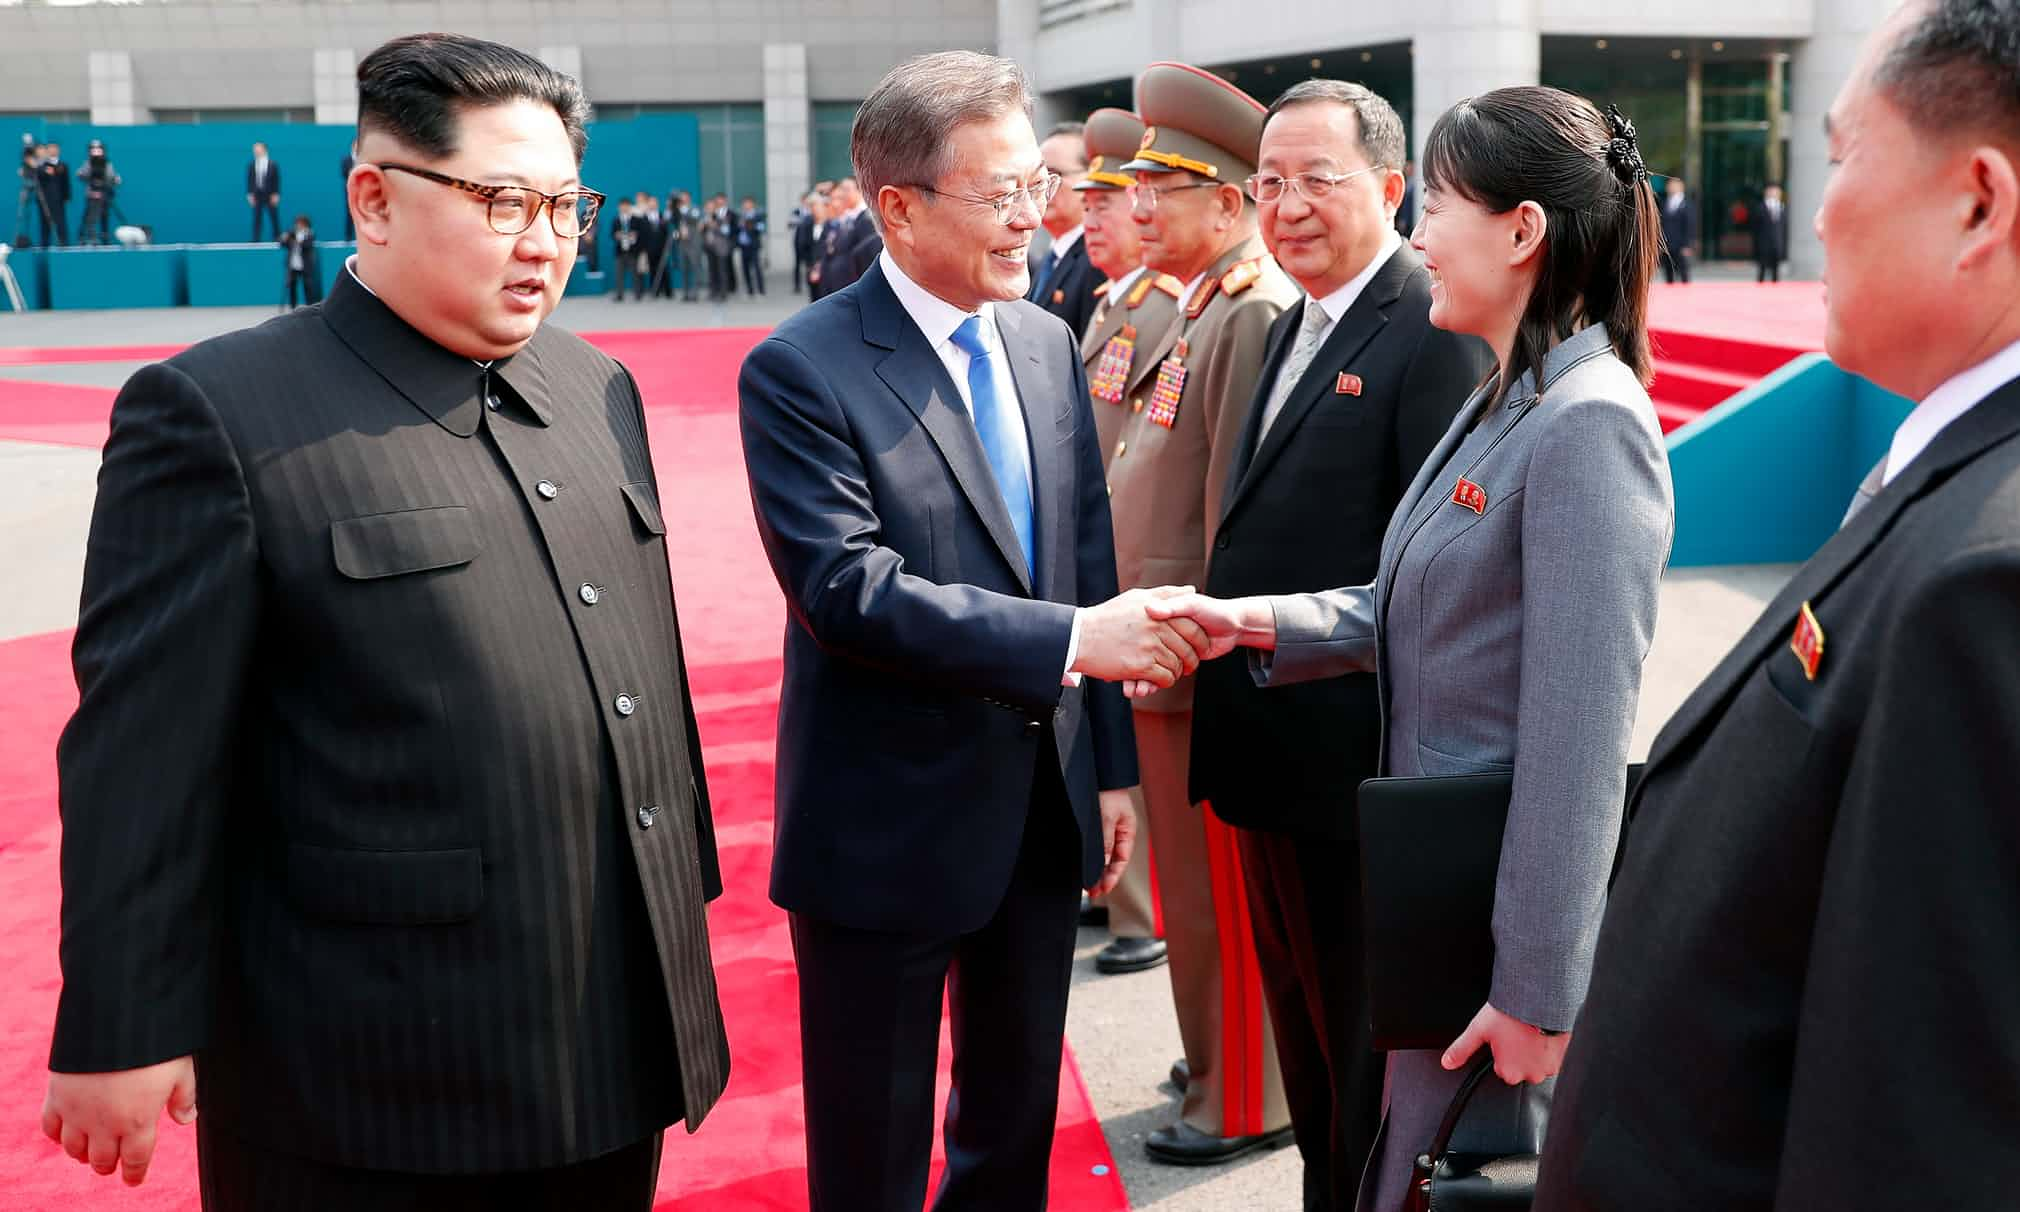 قمة تاريخية بين الزعيمين الكوريين3